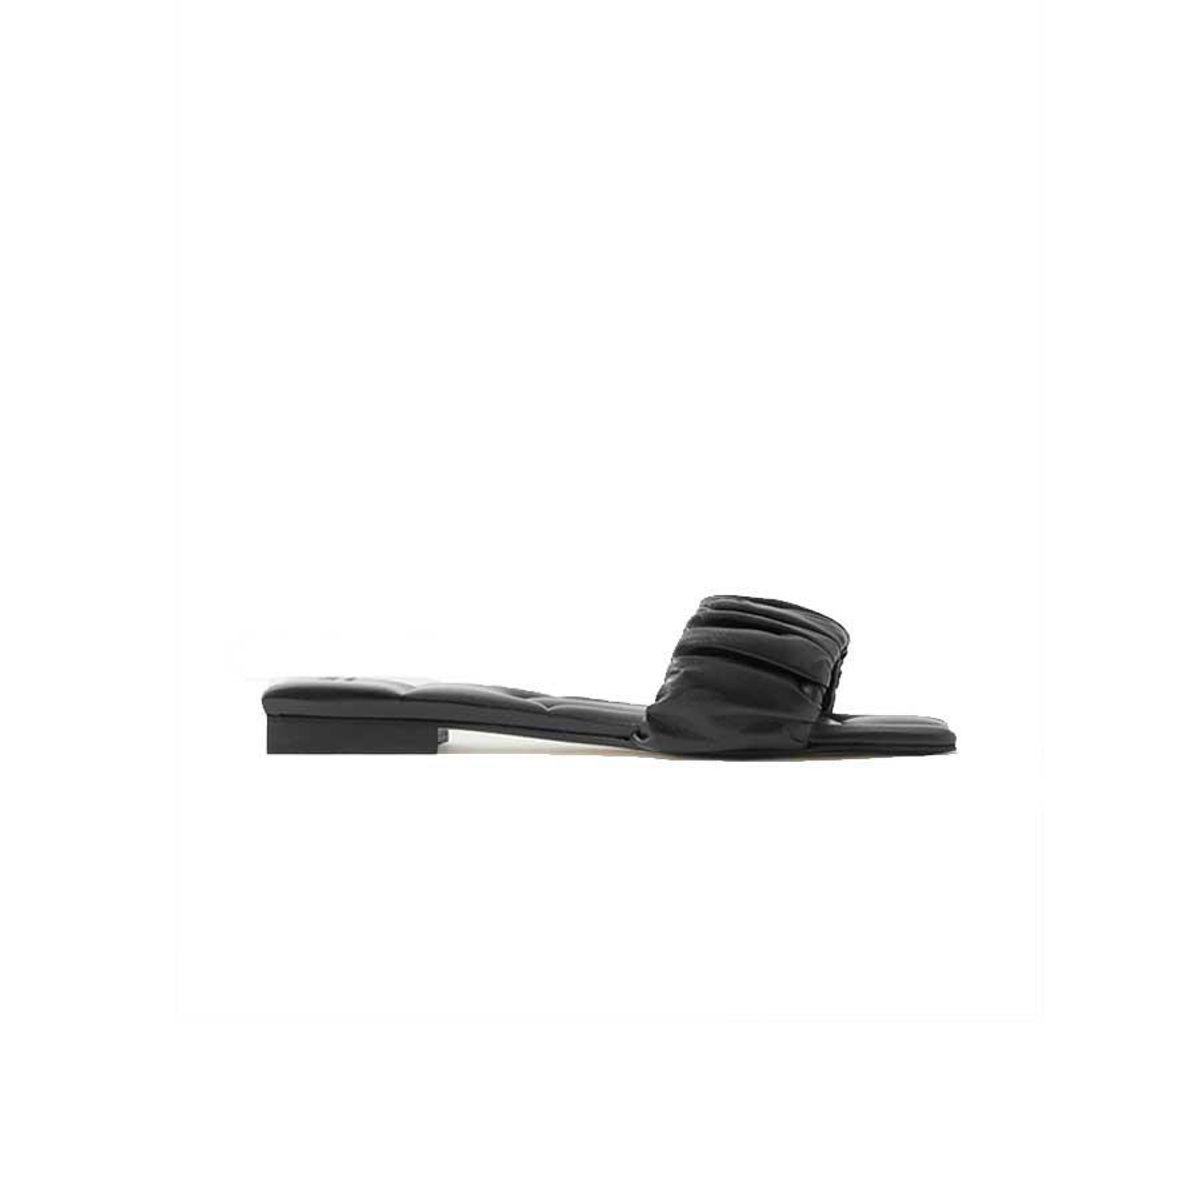 khaite crete ruched leather slides